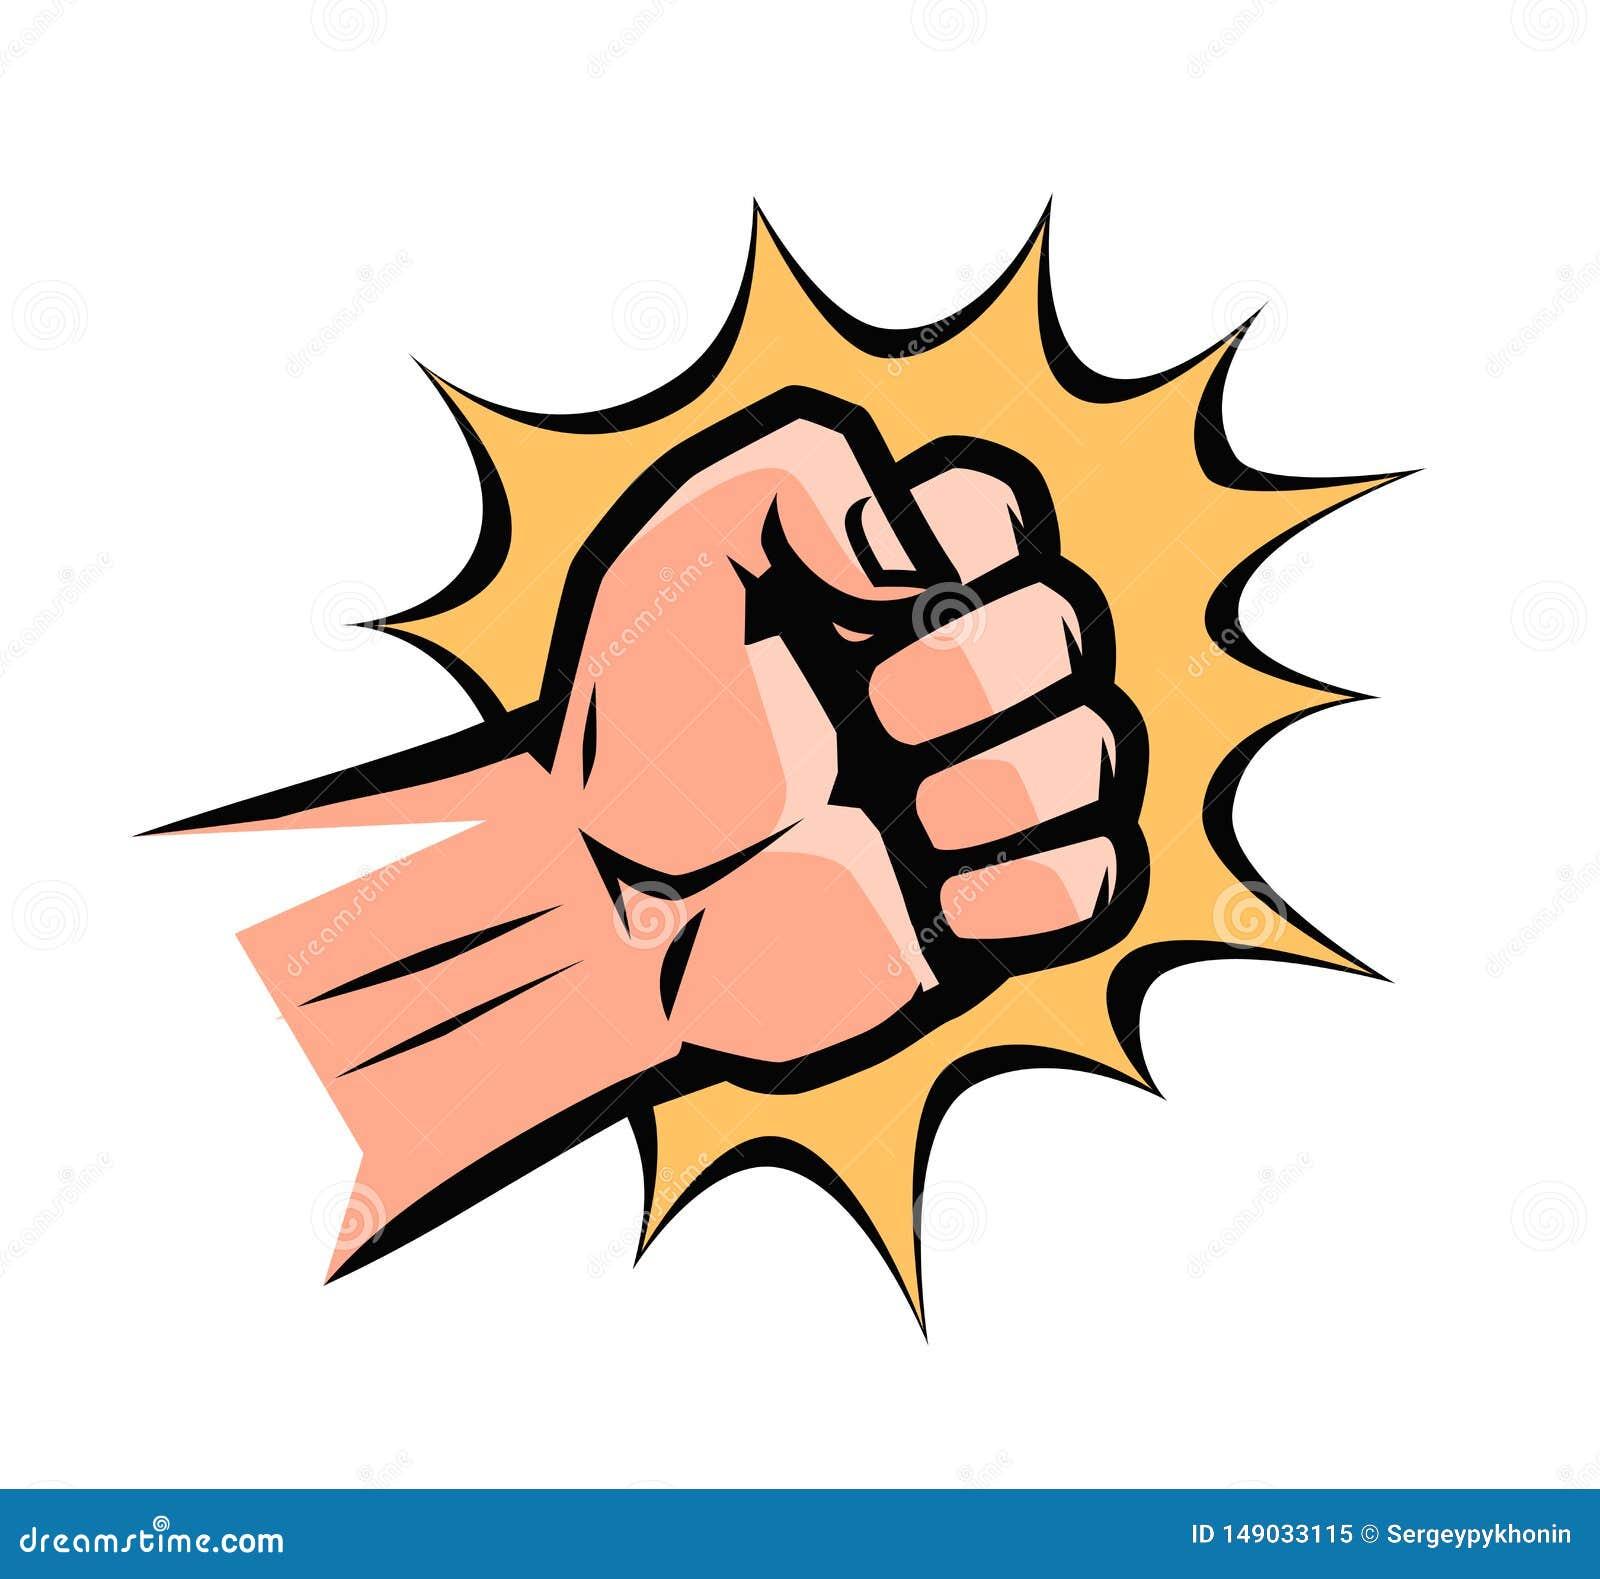 Cartoon Fist Punch Stock Illustrations 2 487 Cartoon Fist Punch Stock Illustrations Vectors Clipart Dreamstime